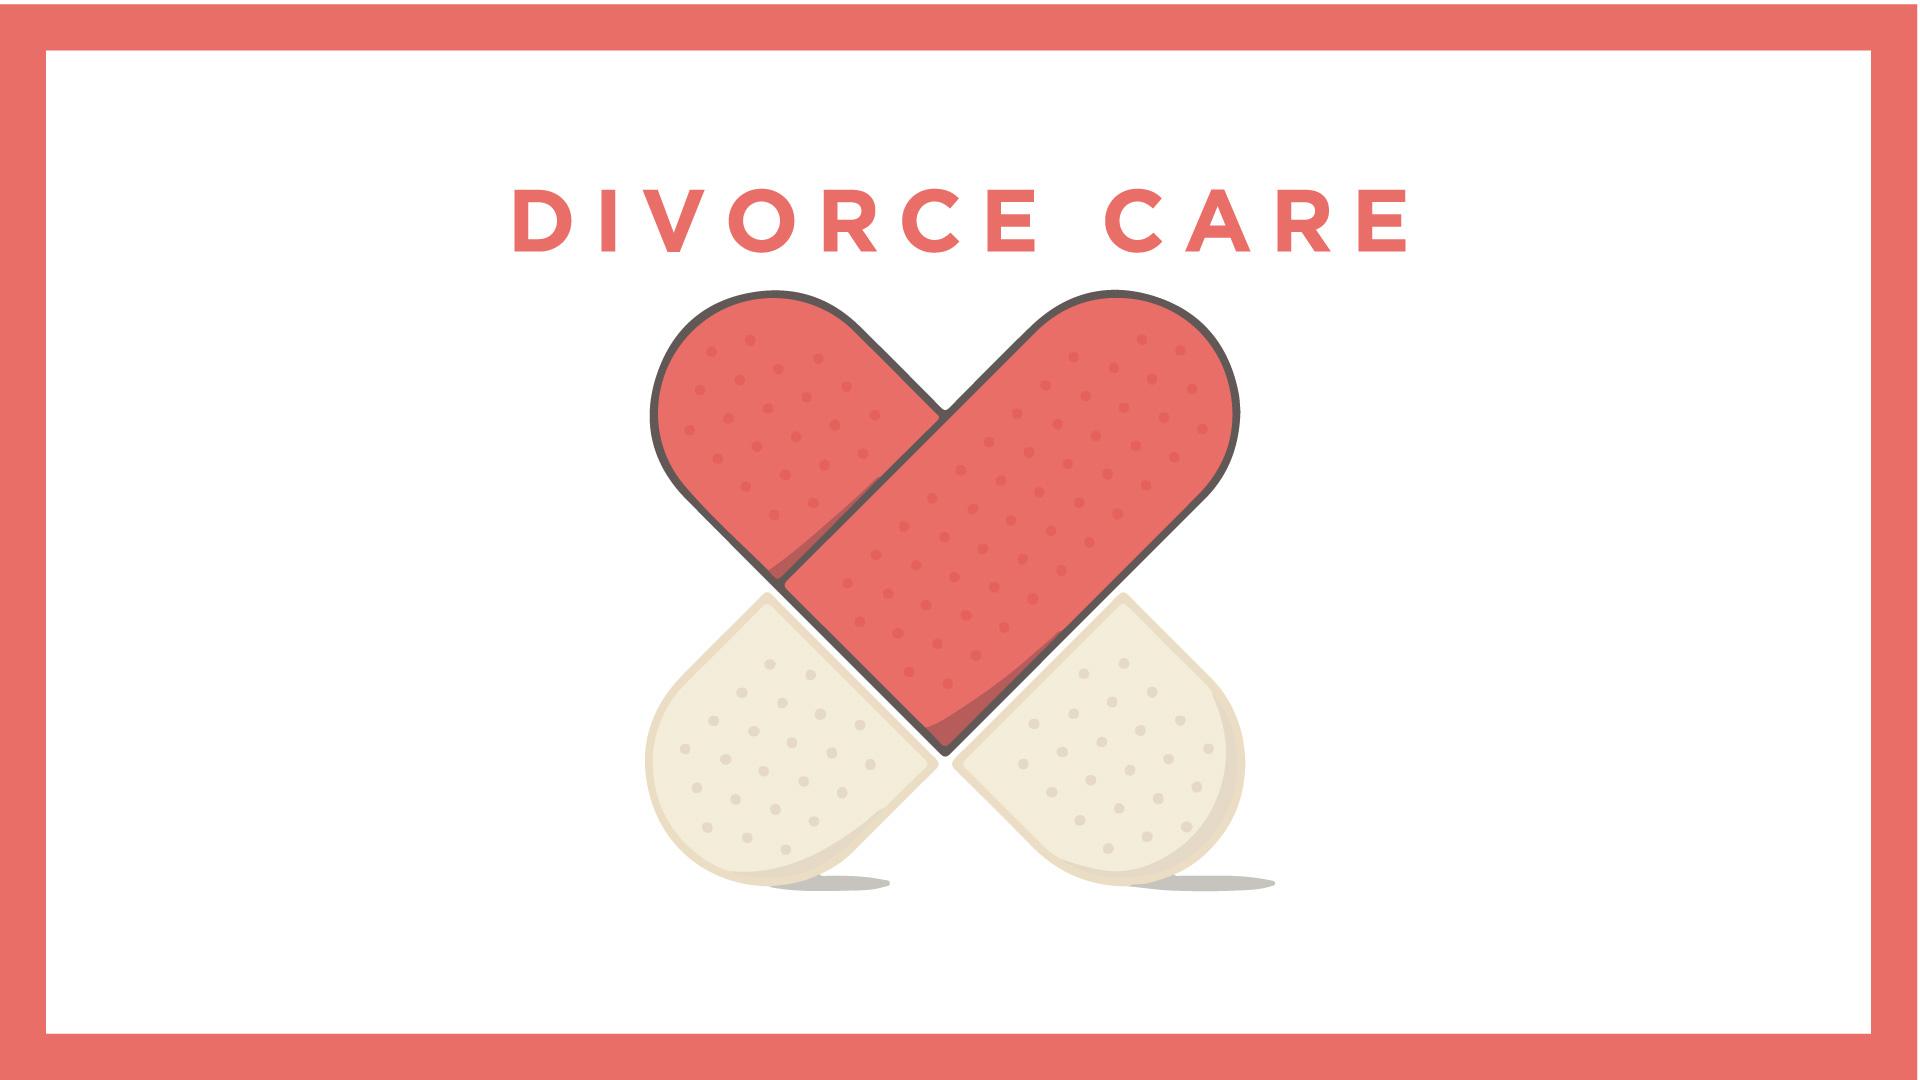 0e5824537 1484686088 divorcecare1